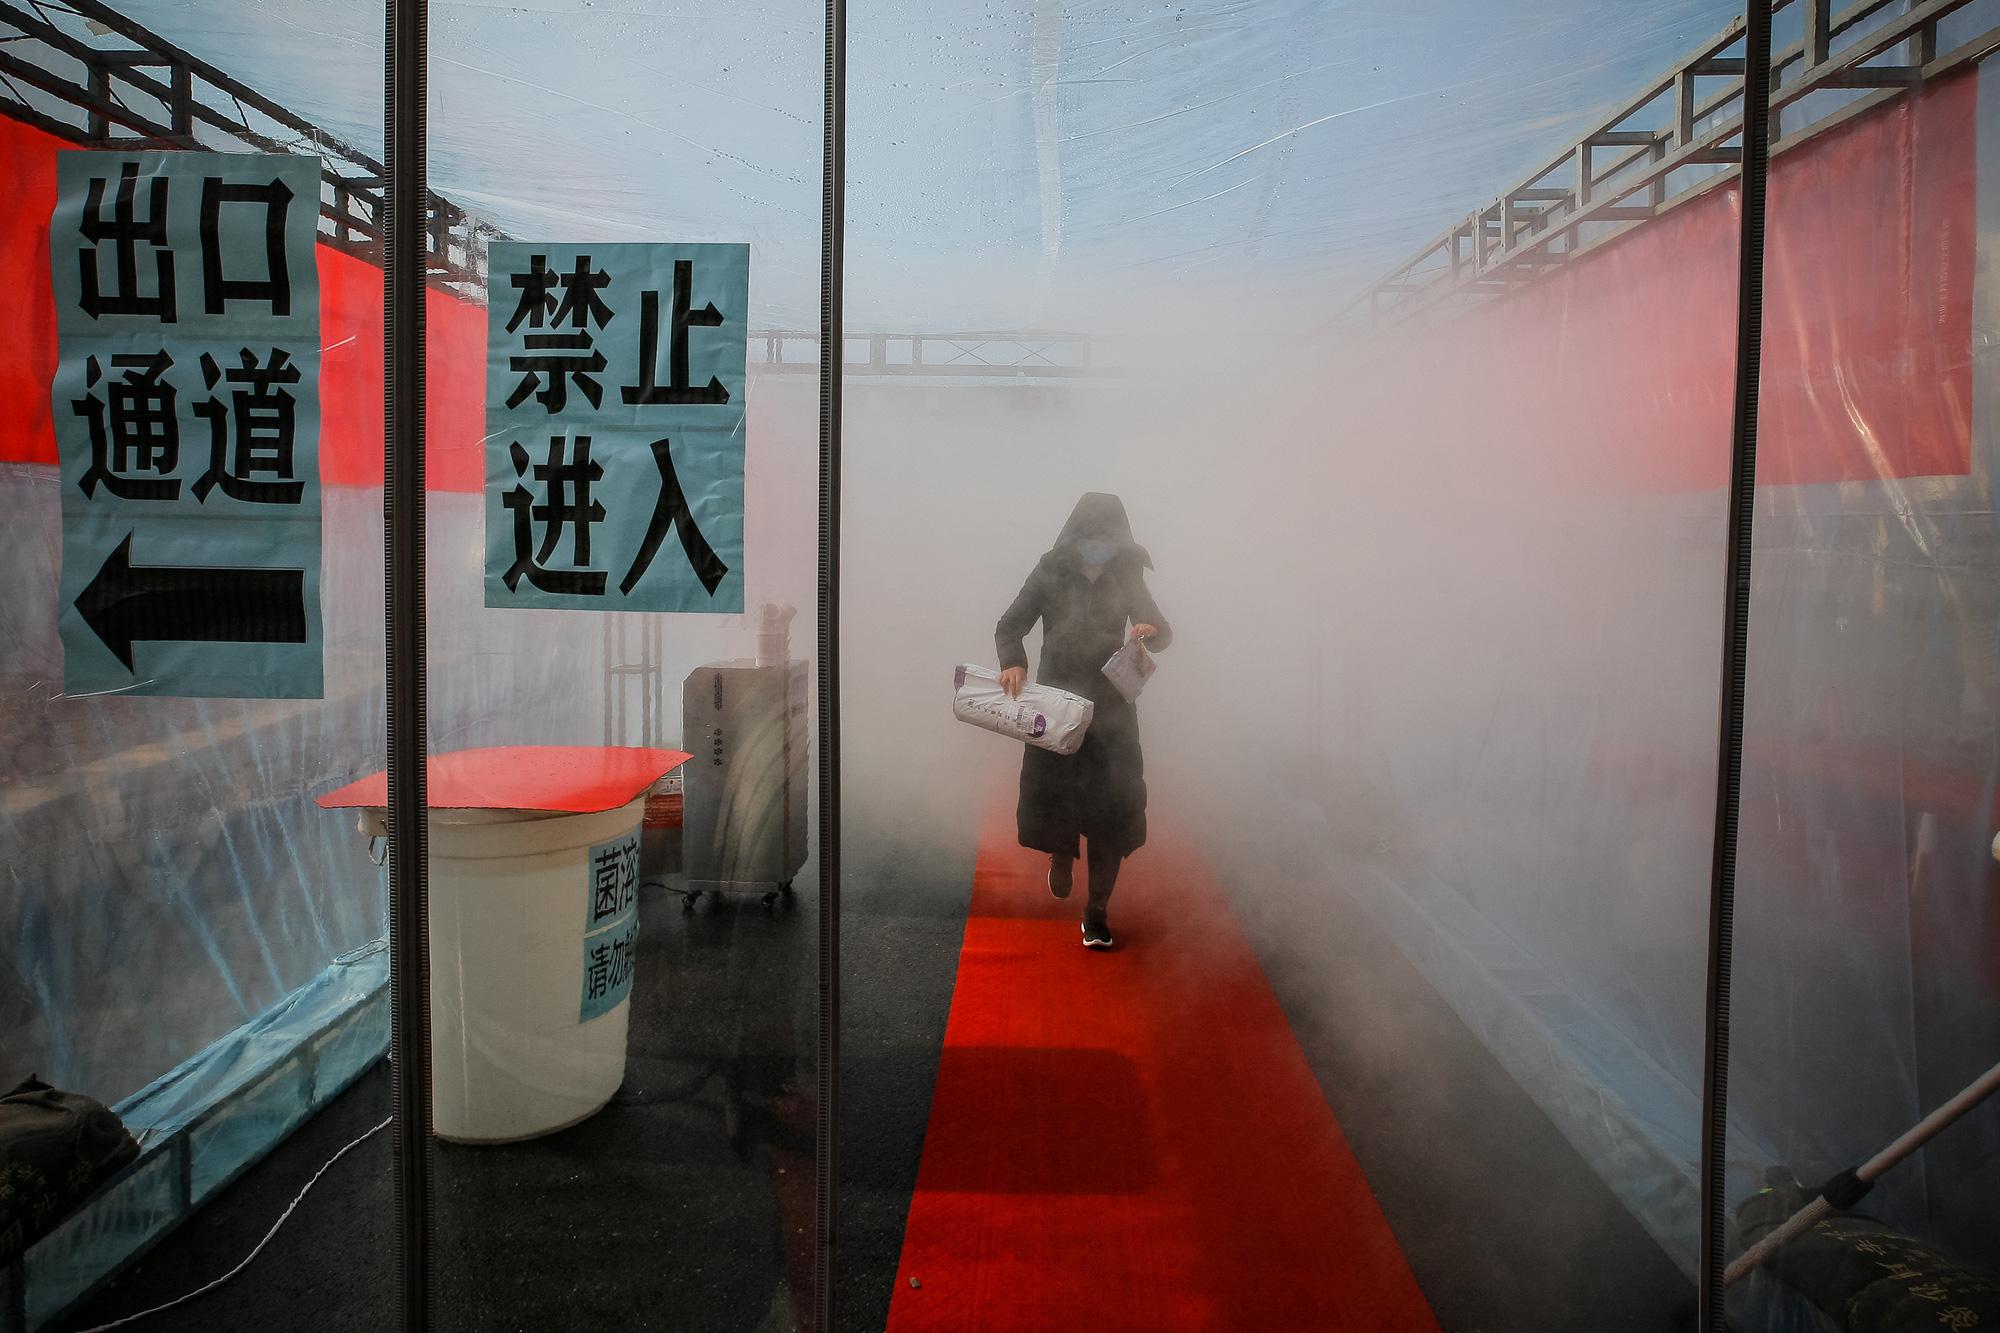 [eMagazine] - Toàn cảnh về dịch bệnh virus Vũ Hán và con số 1.355 người chết - Ảnh 7.